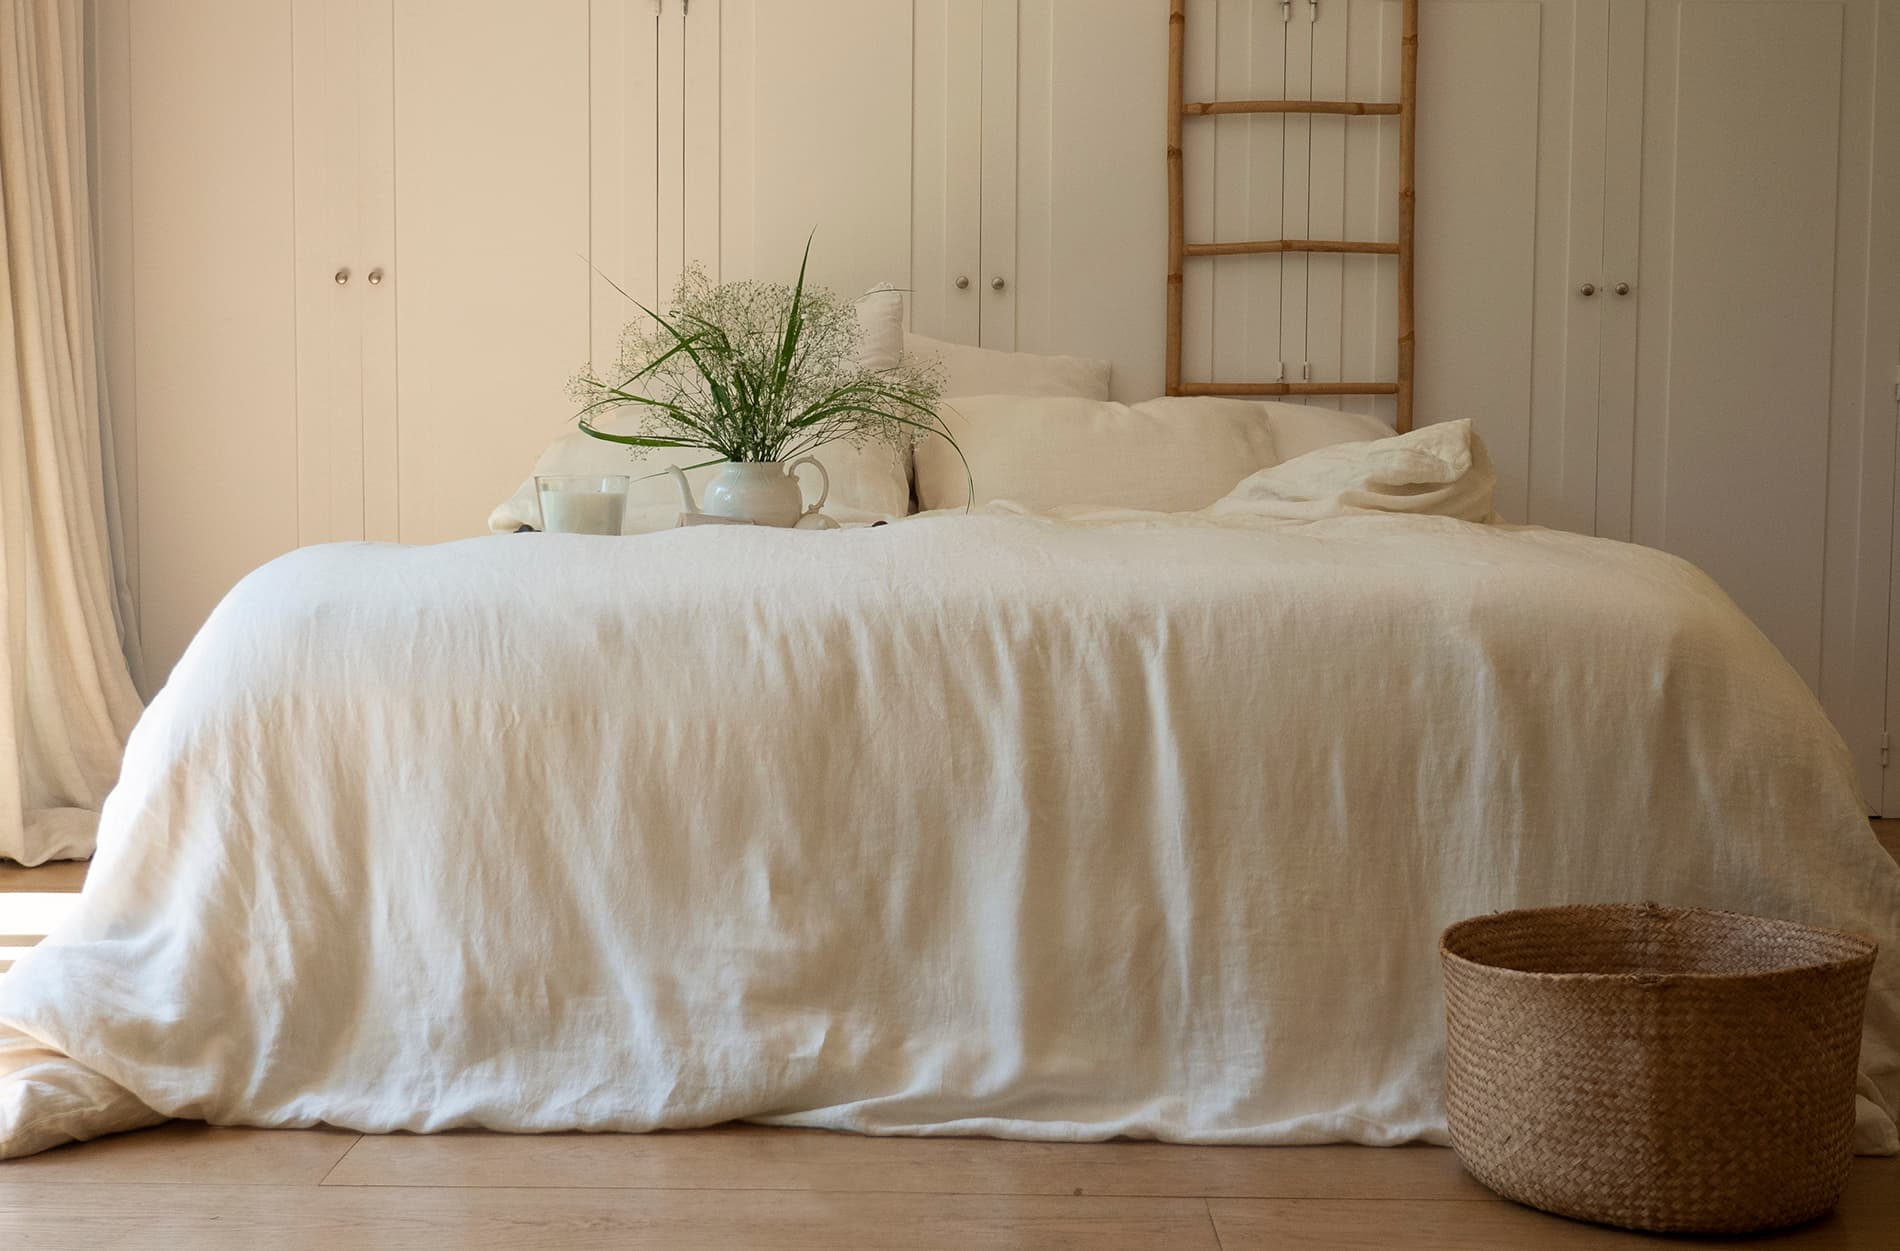 IVOIRE - Parure de lit en lin lavé ivoire 260x240 cm (photo)